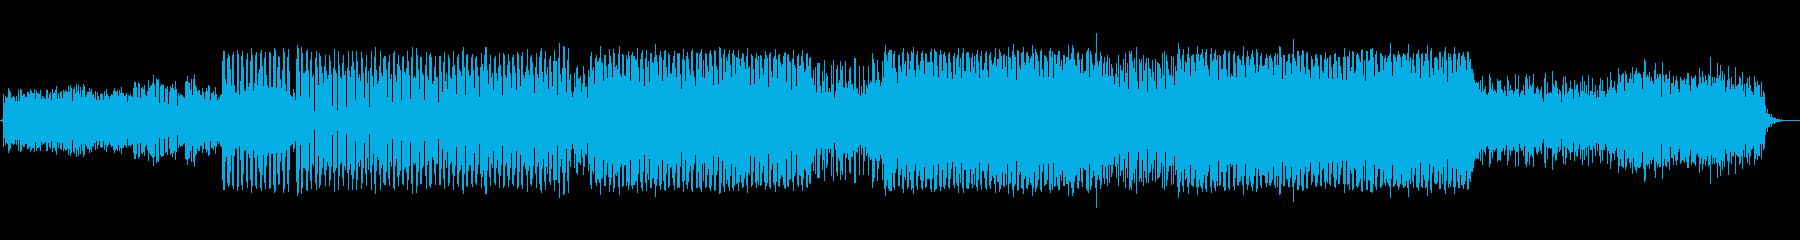 プログレッシブの再生済みの波形